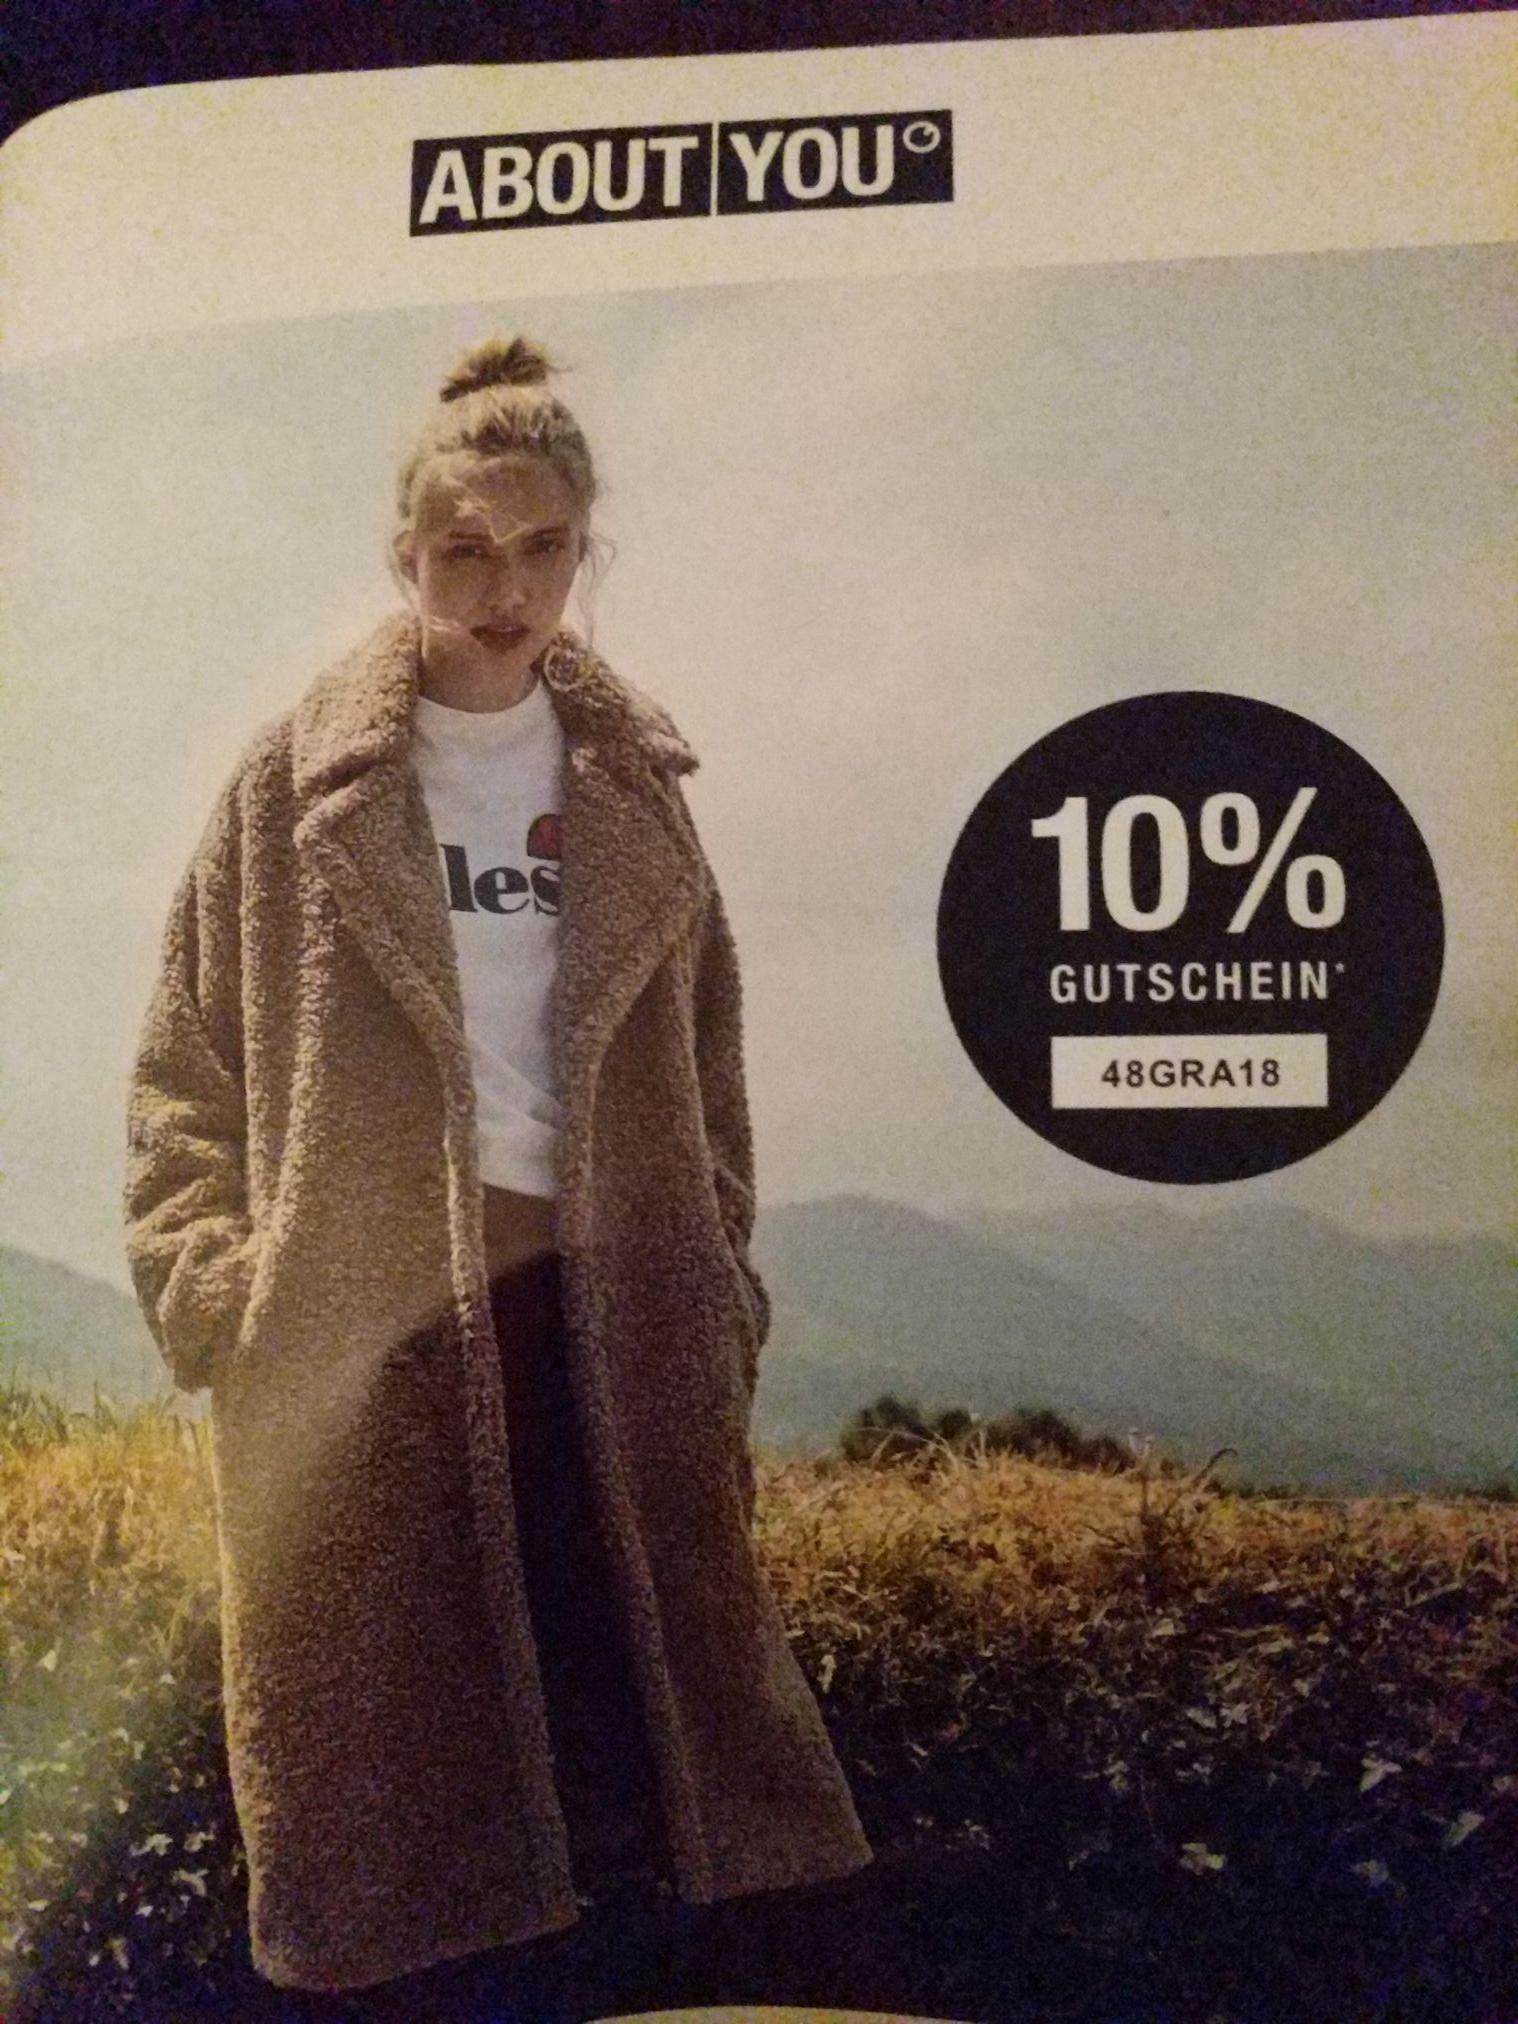 10 % AboutYou Gutschein (MBW 75 €)